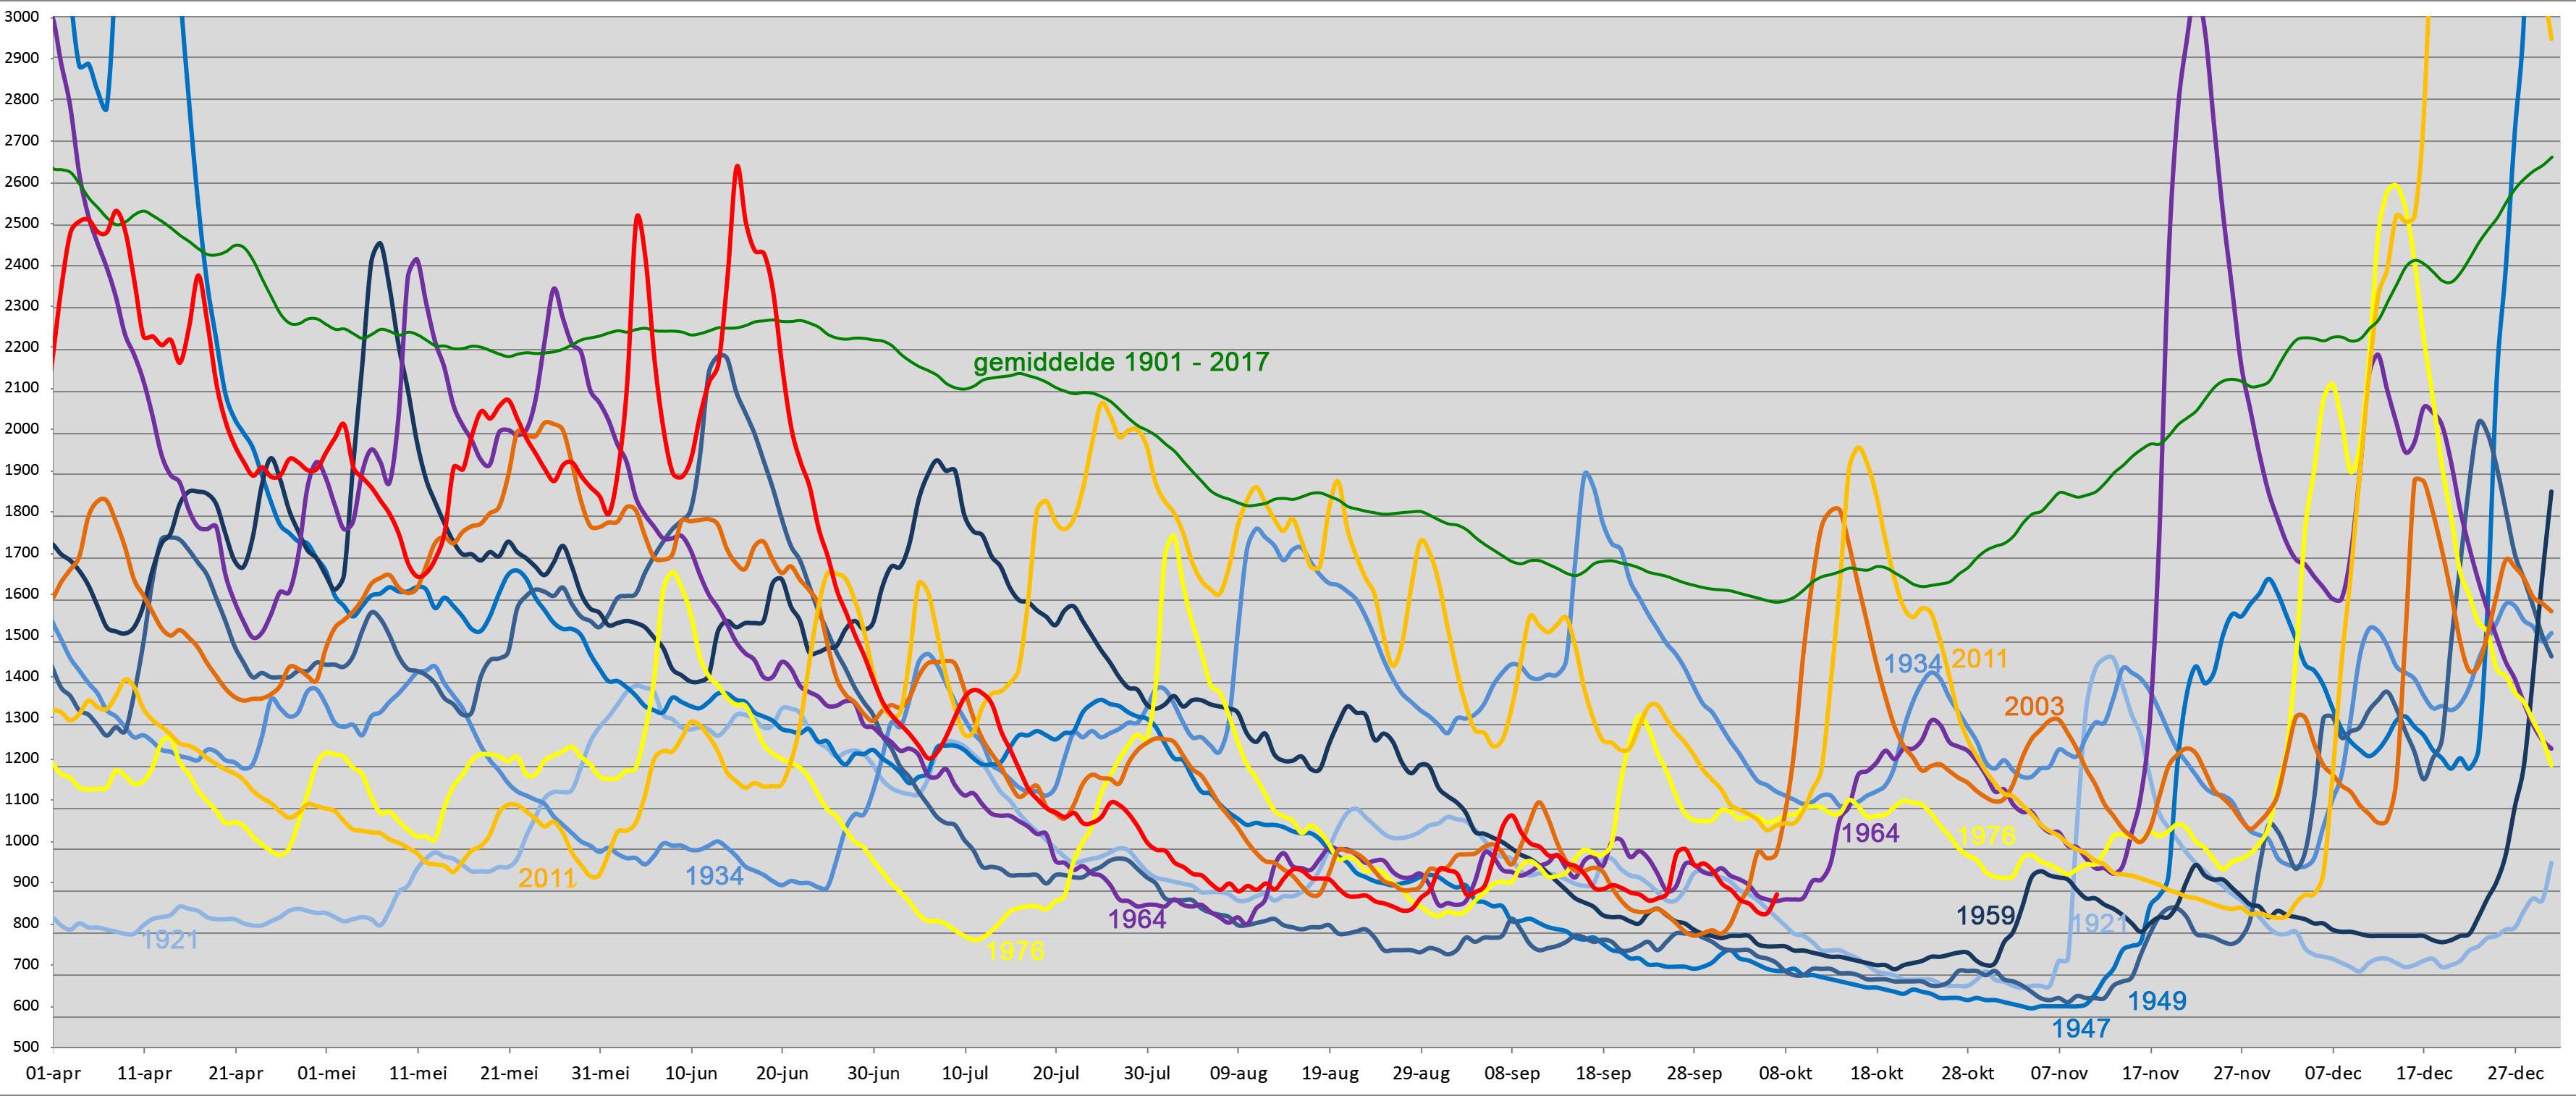 Jaren met een zeer lage Rijnafvoer sinds 1900